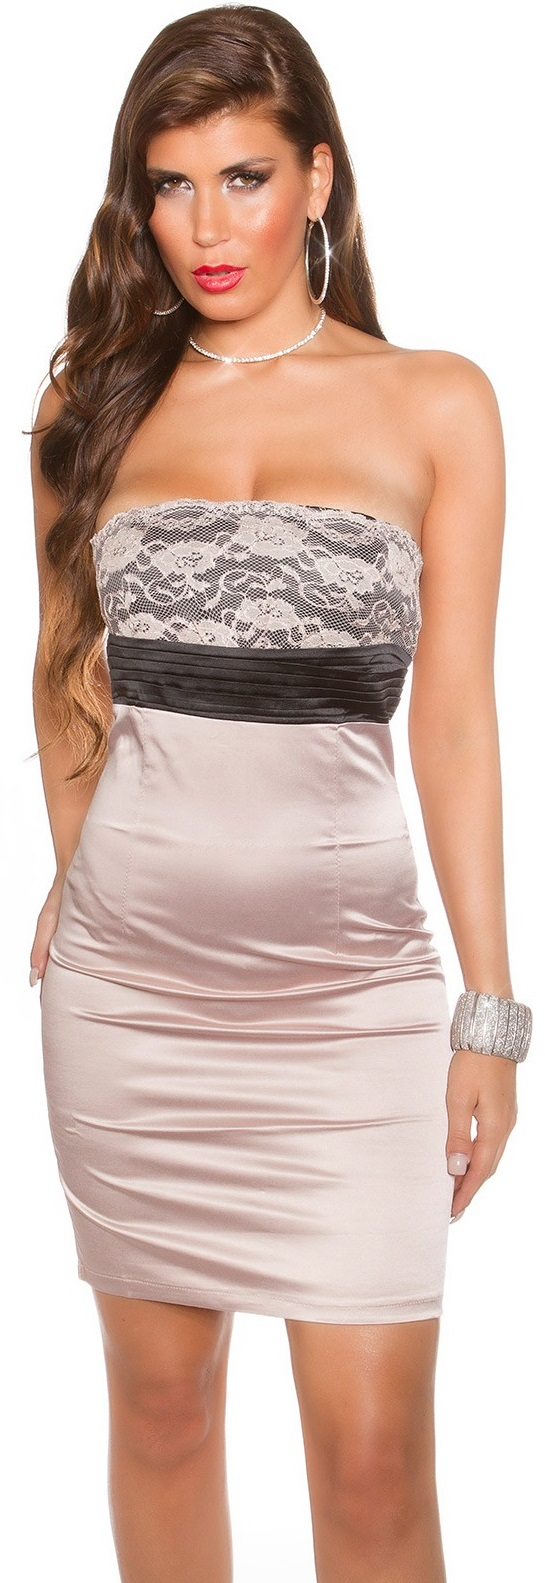 Edel Und Luxurios Bandeau Cocktailkleid Mit Spitze Gr S Xl Minikleid Kleid Ebay